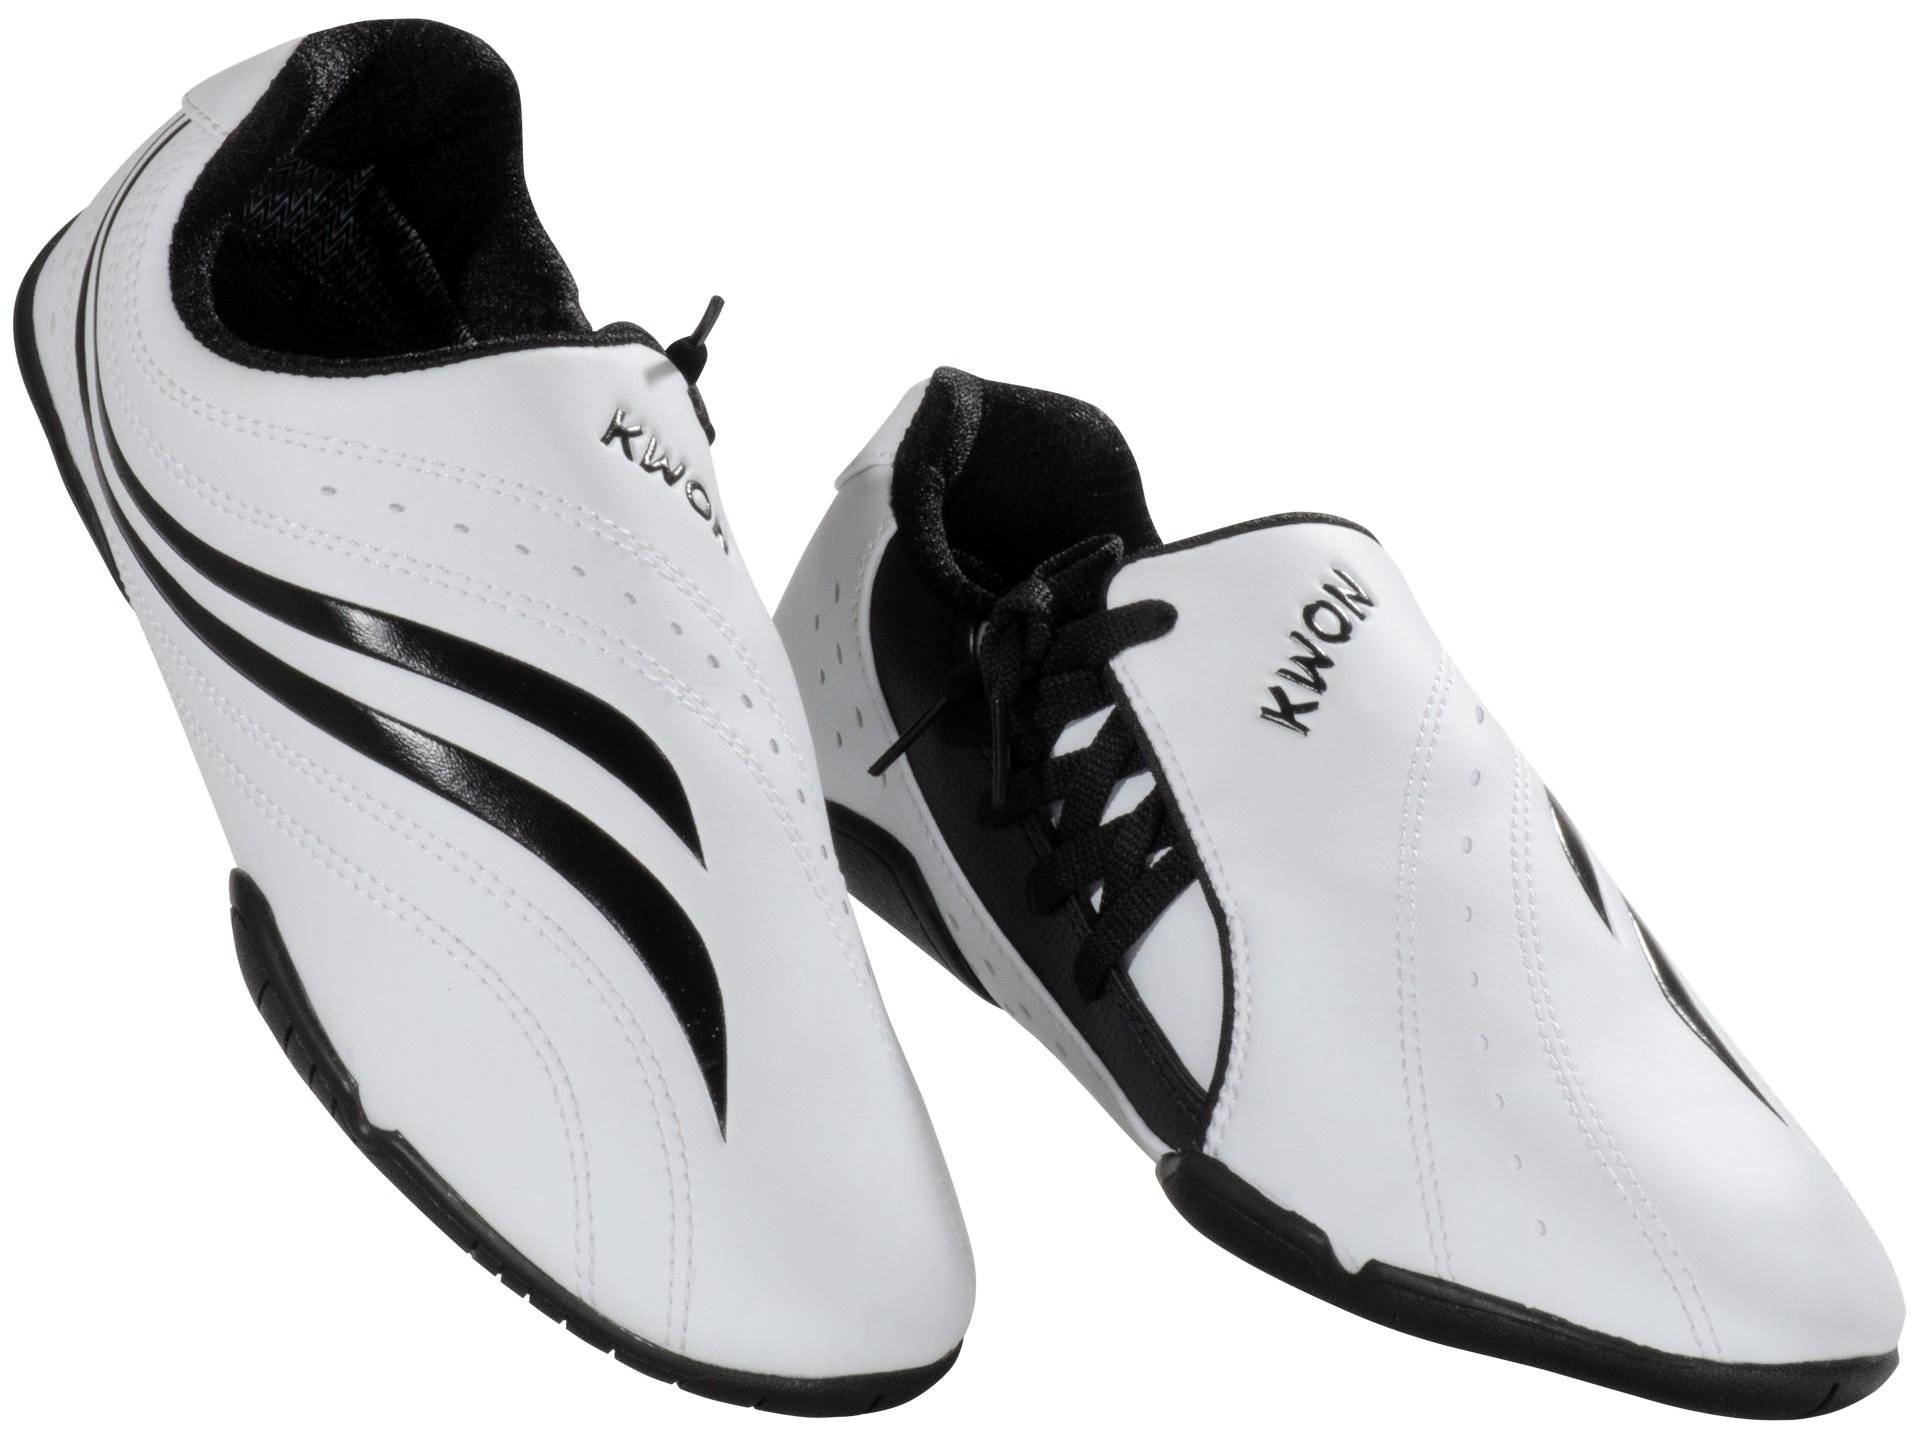 Kampfsportschuhe Budo Schuhe online kaufen bei